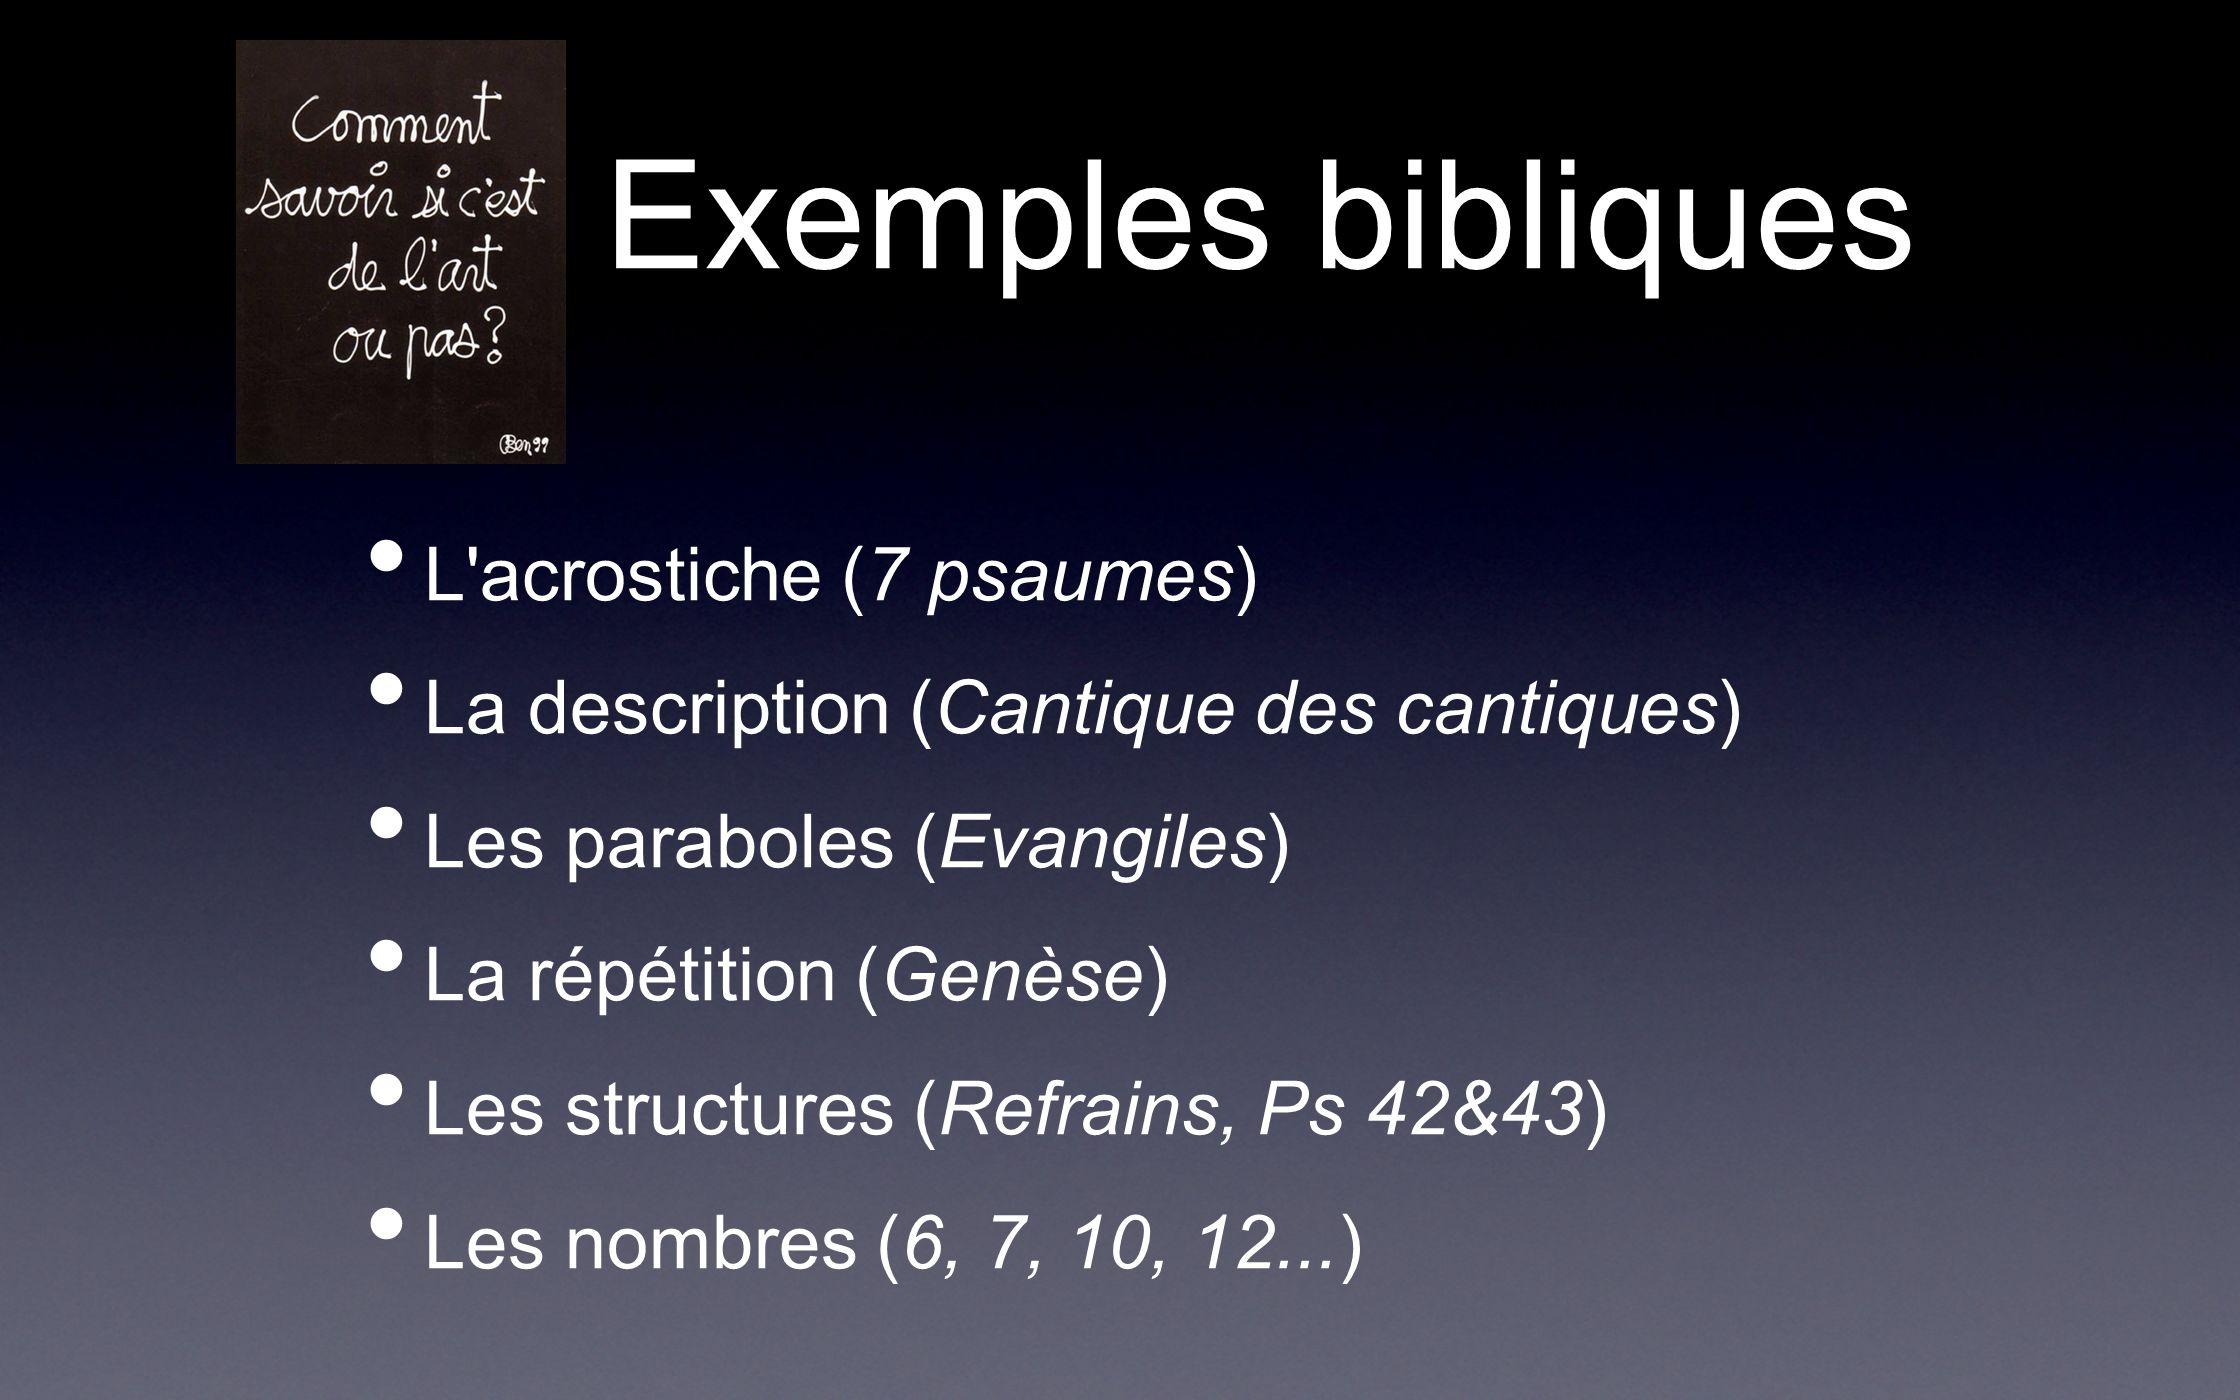 Exemples bibliques L'acrostiche (7 psaumes) La description (Cantique des cantiques) Les paraboles (Evangiles) La répétition (Genèse) Les structures (R